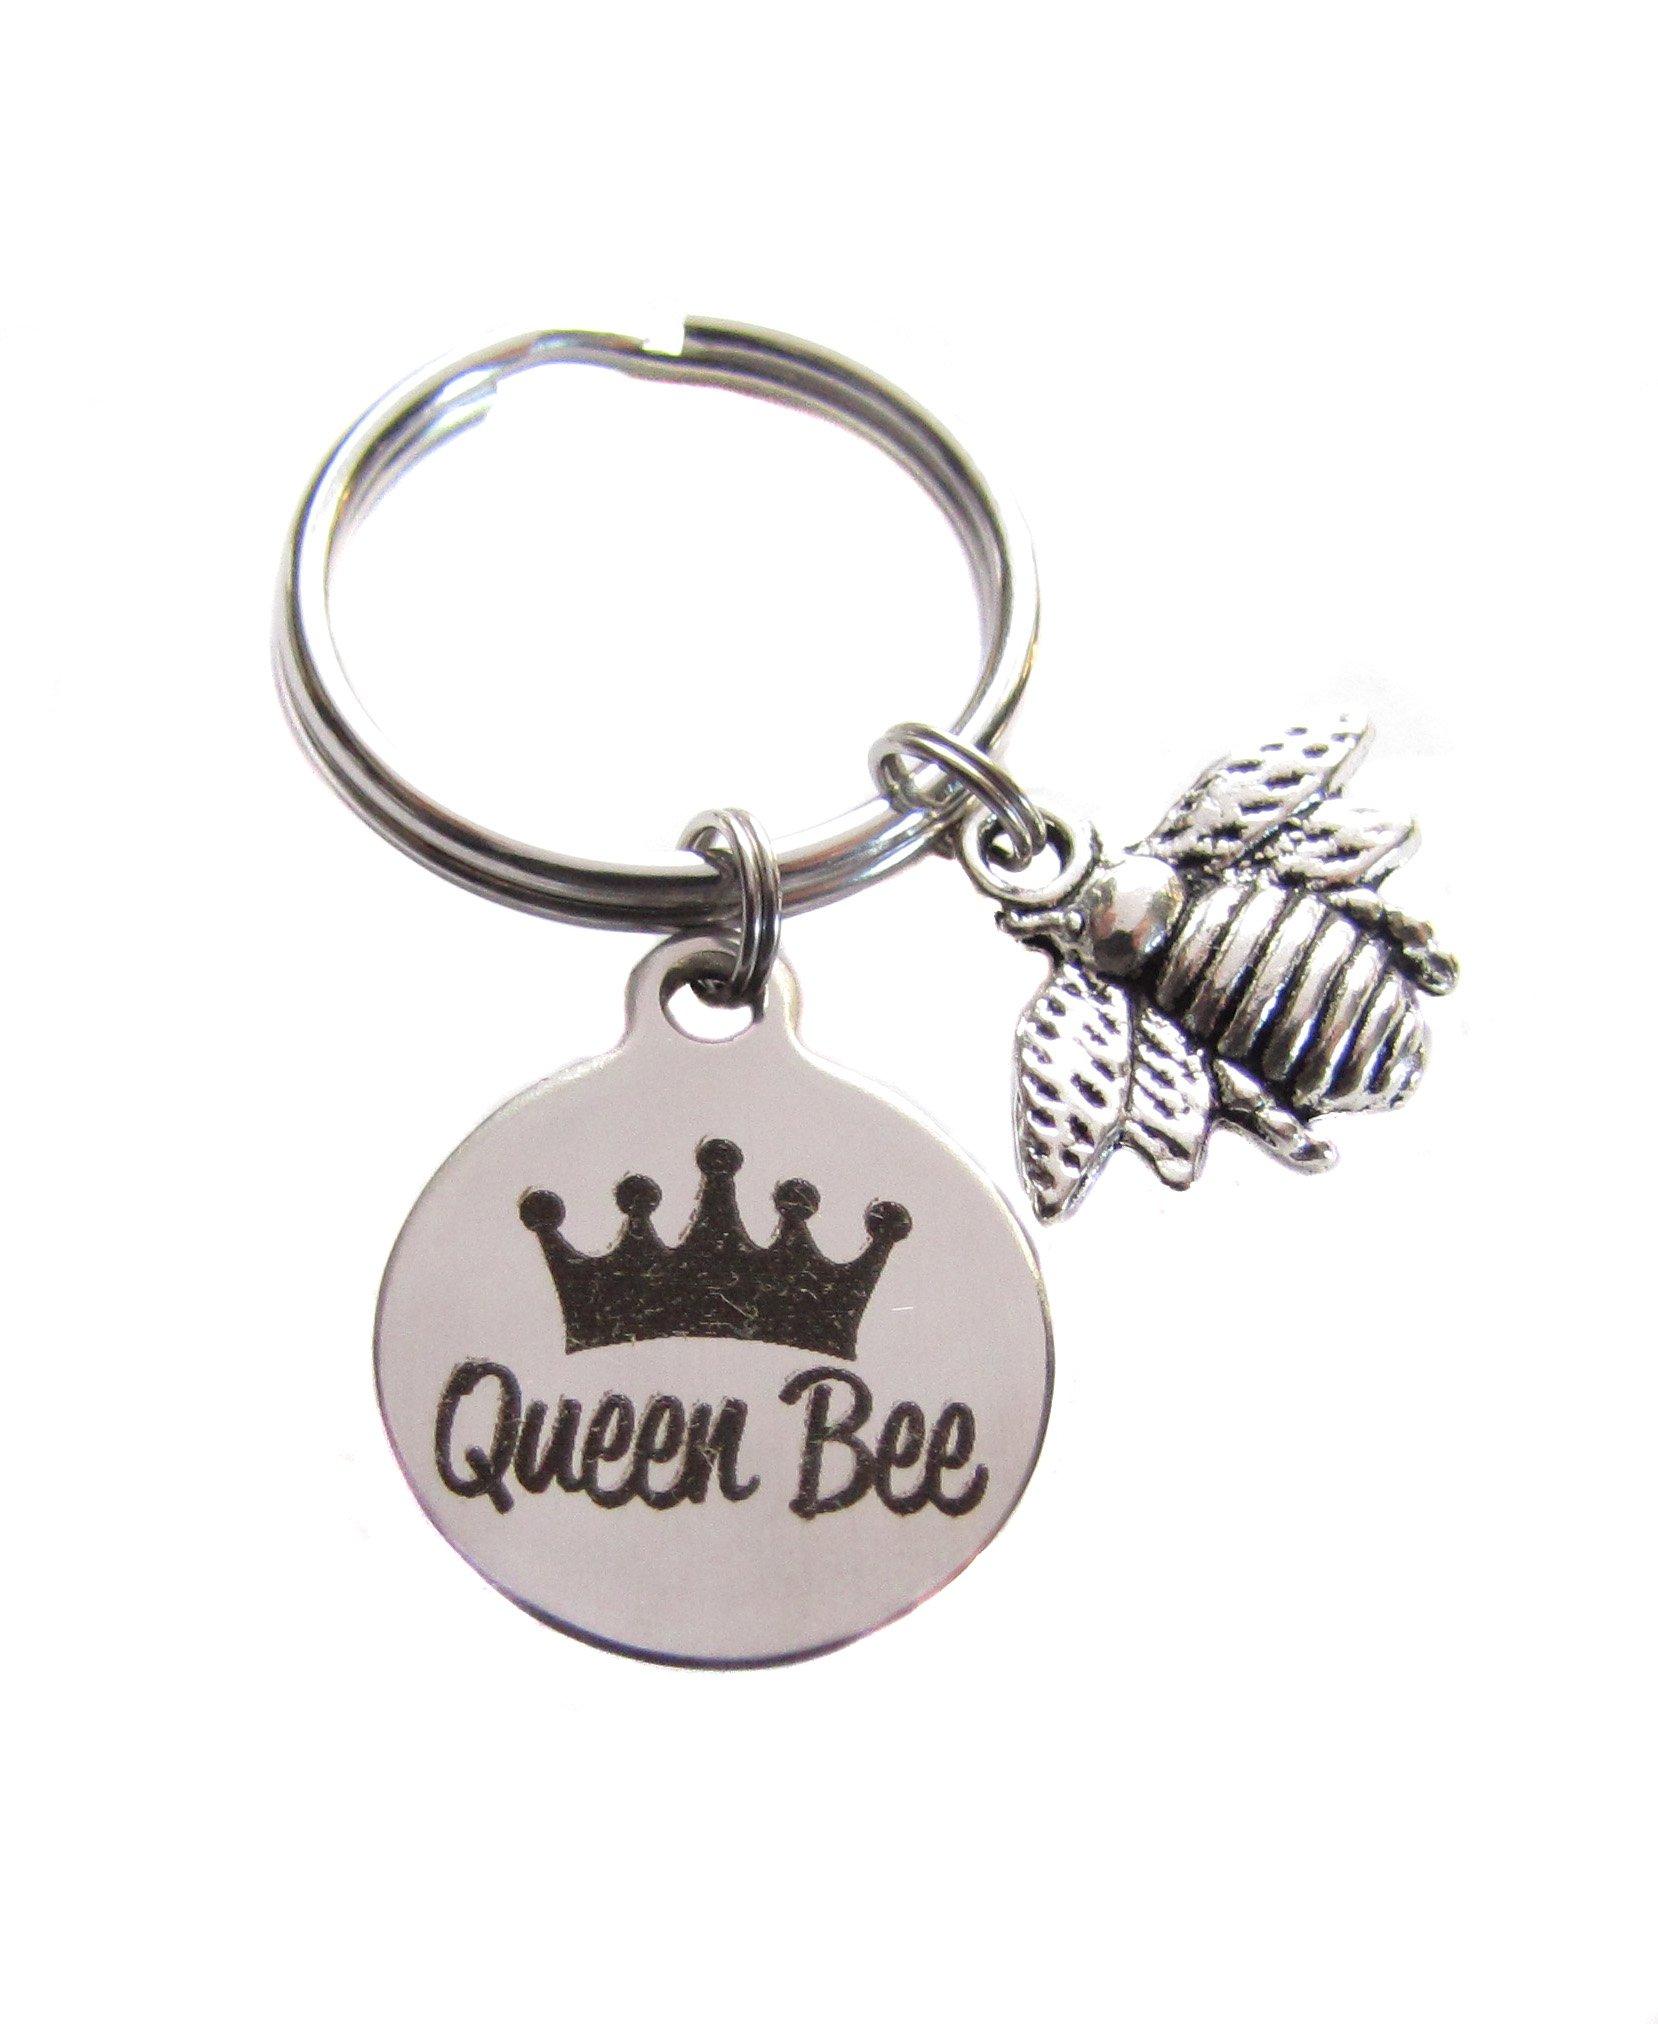 Queen Bee Honey Bee Bumblebee Bee Key Chain Bag Charm